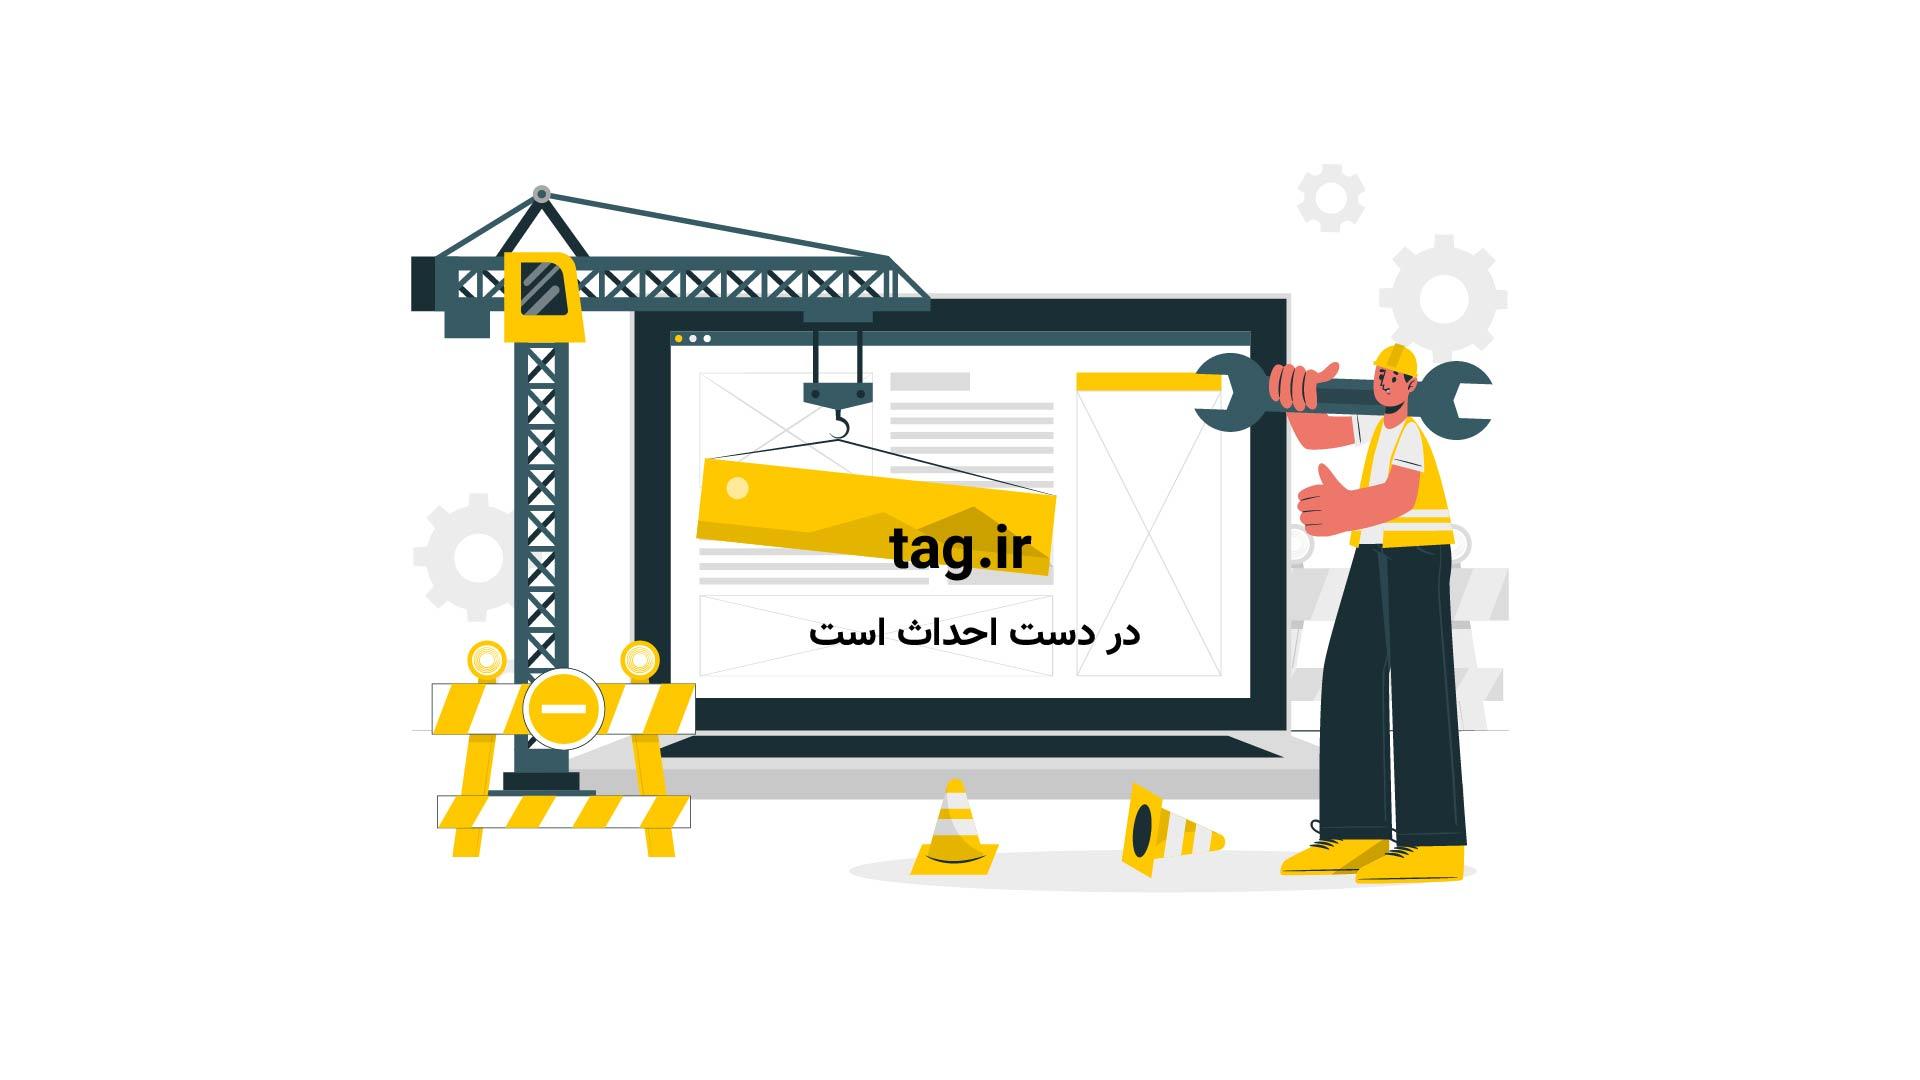 سرقت مسلحانه از بانک | تگ